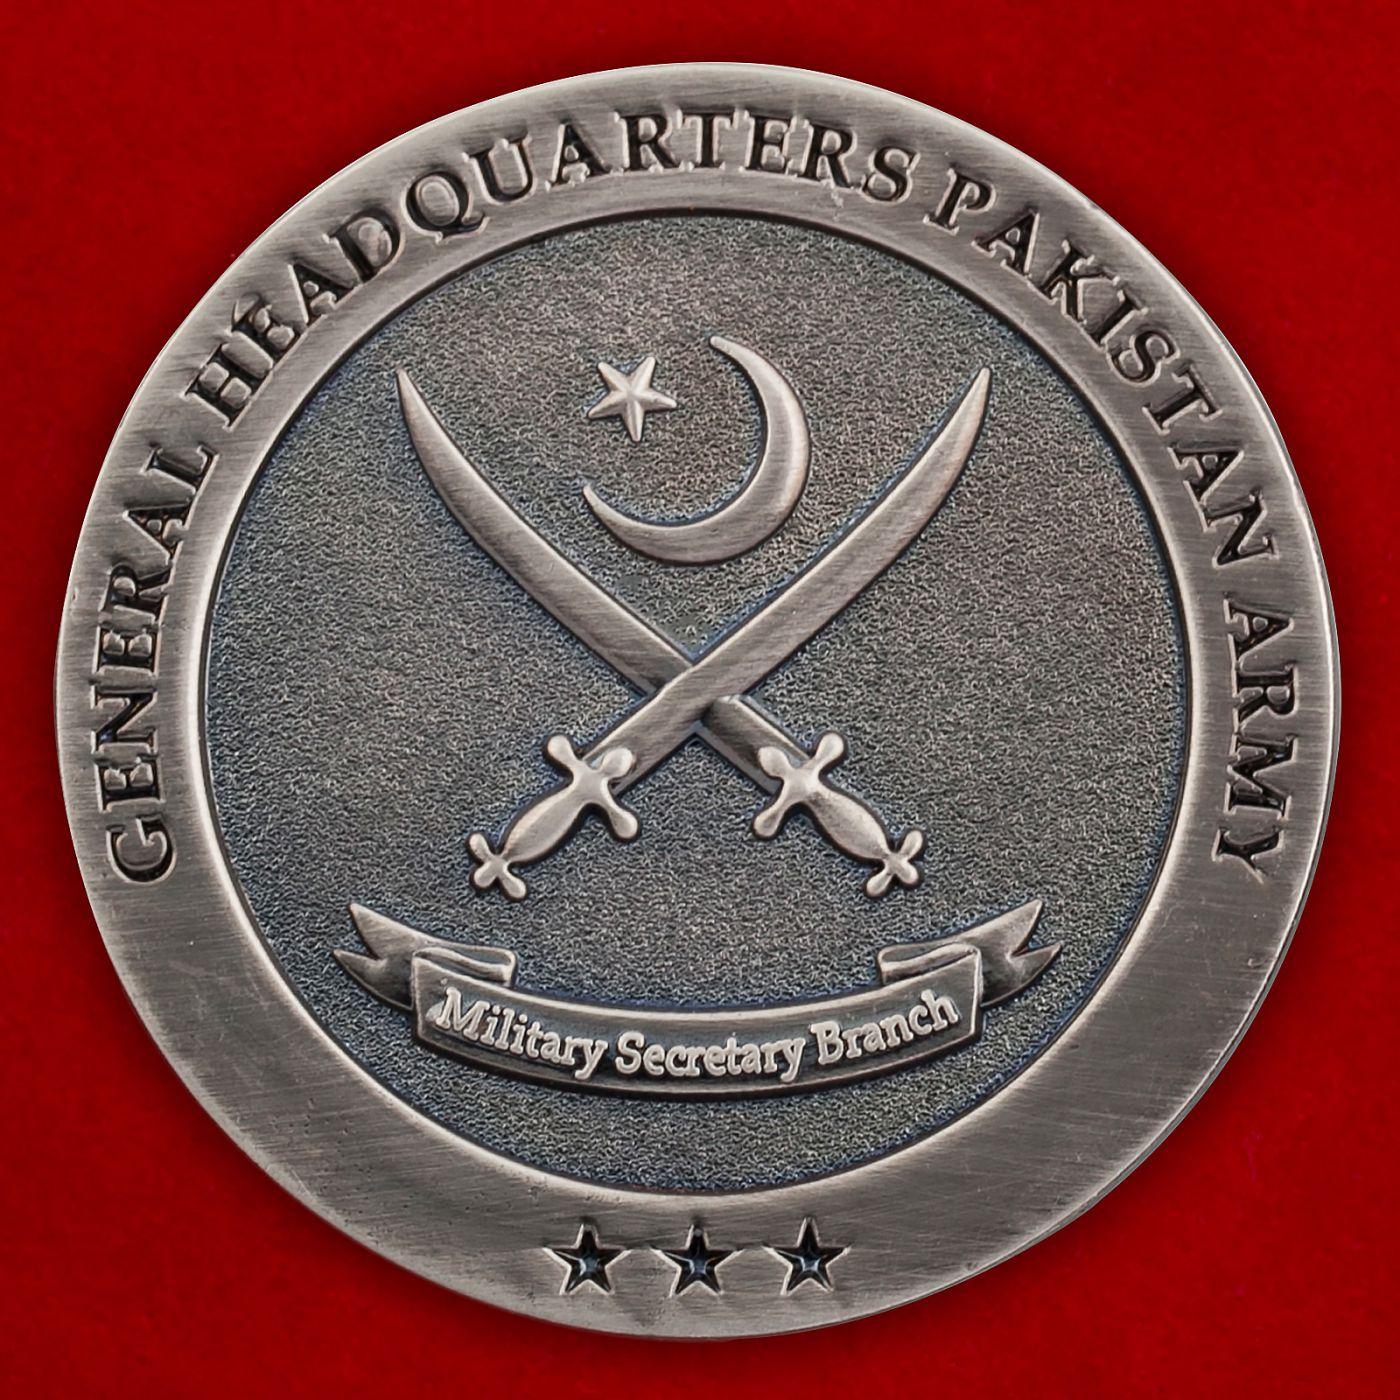 Челлендж коин Военного секретаря филиала Главного командования армии Пакистана